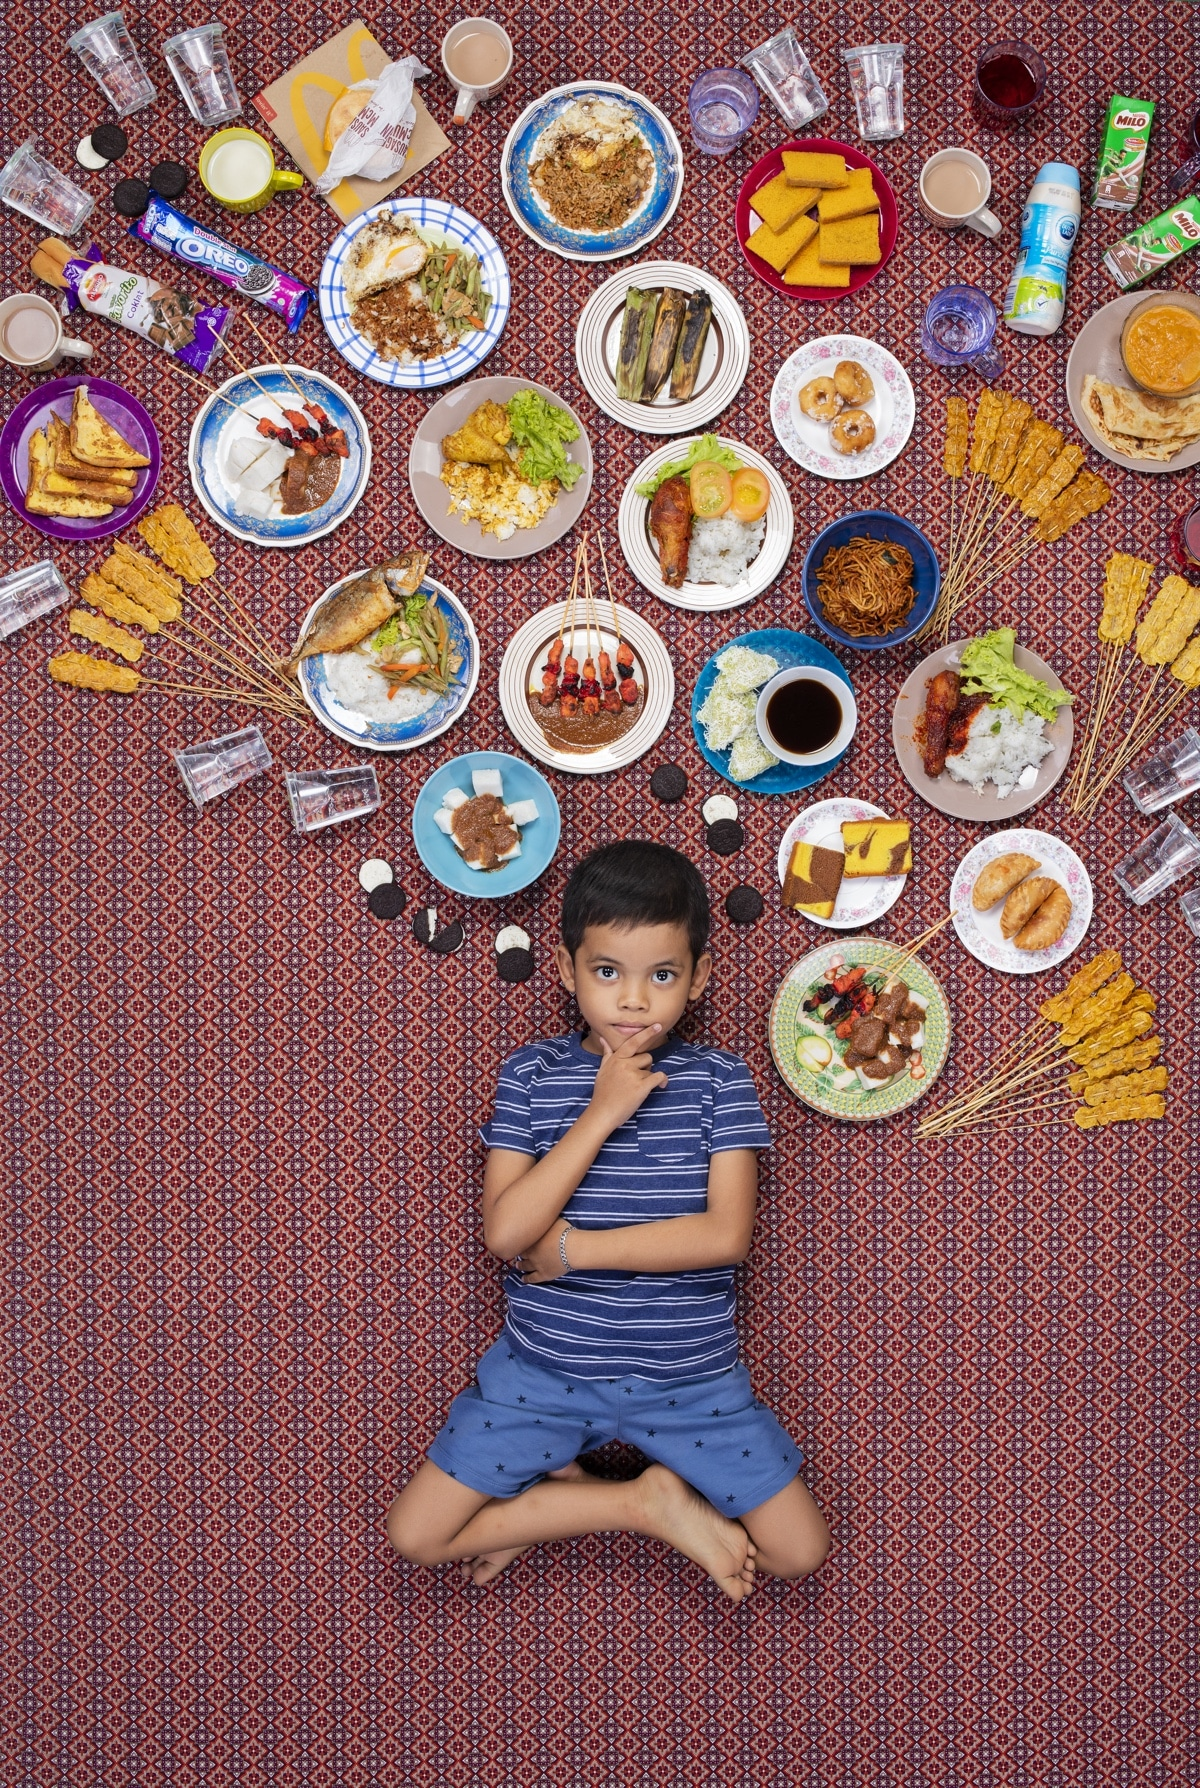 ¿Qué comen los niños alrededor del mundo?